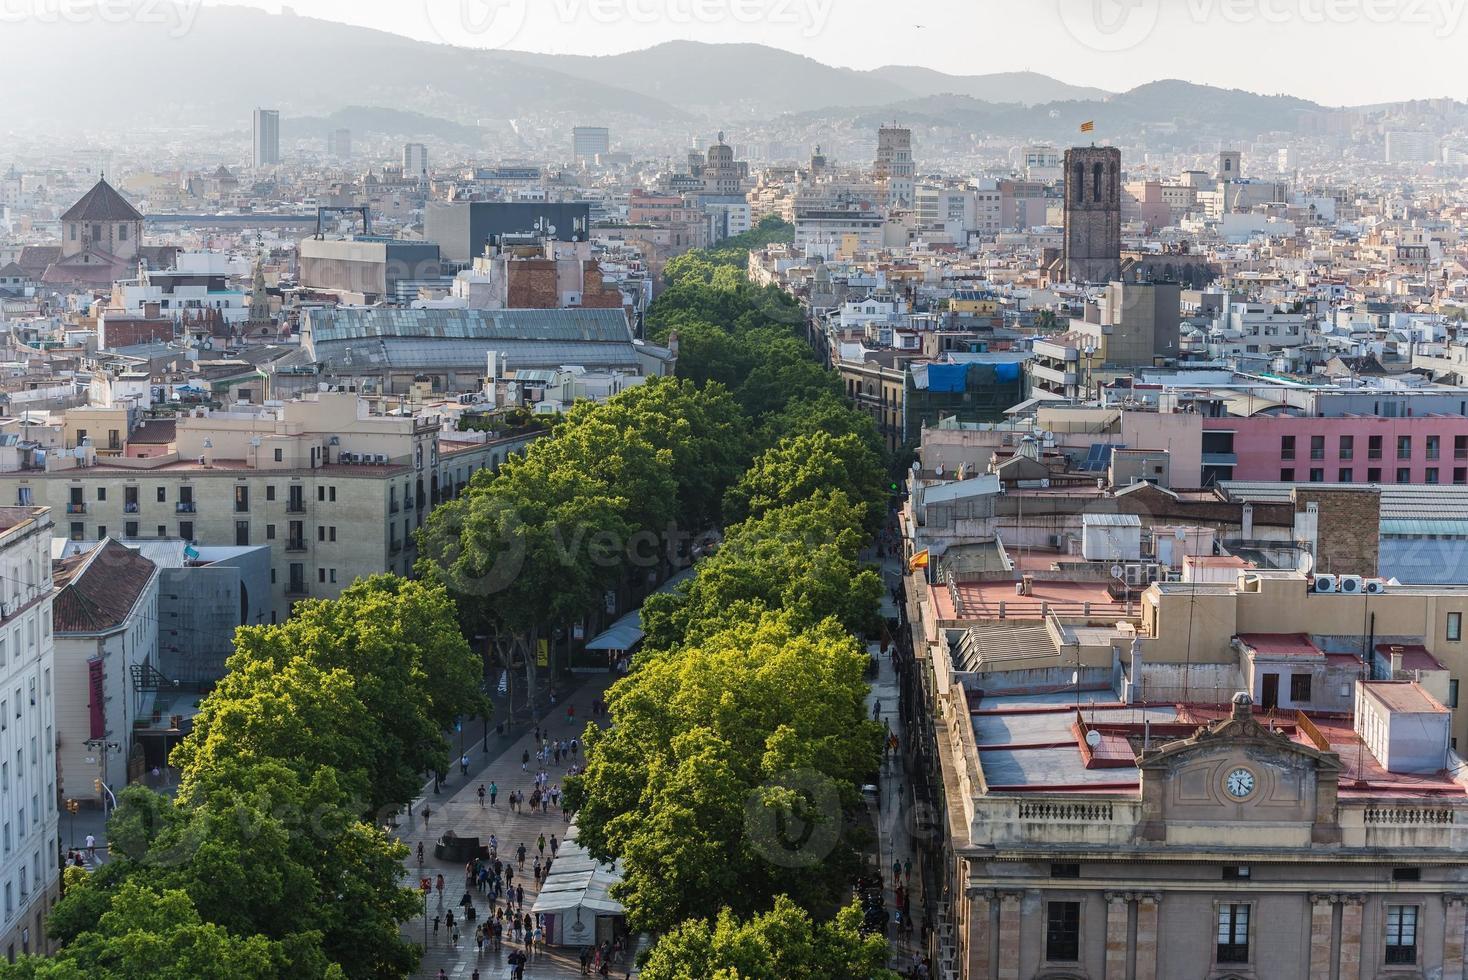 Blick über die Häuser von Barcelona Spanien foto